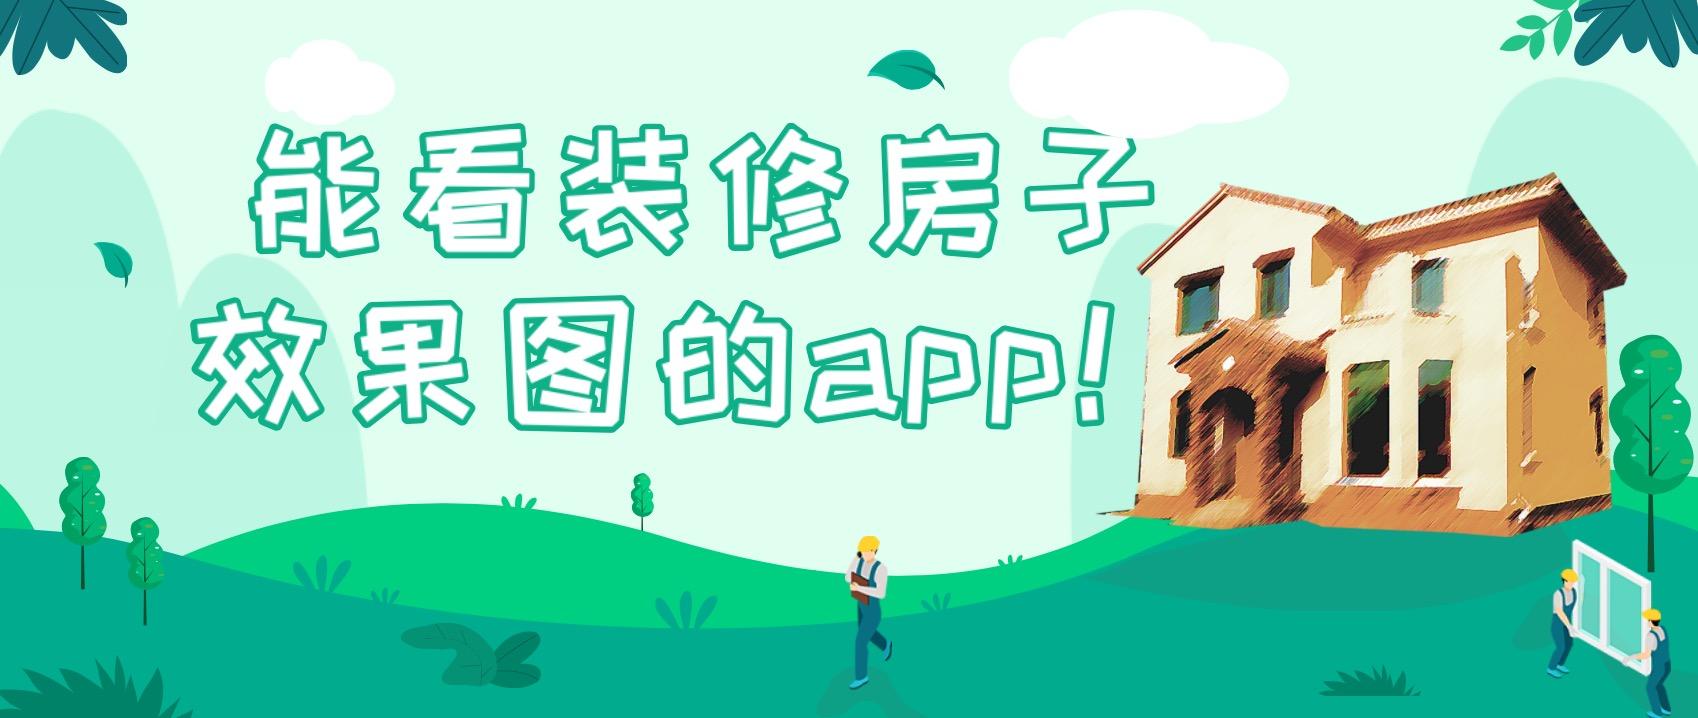 能看装修房子效果图的app